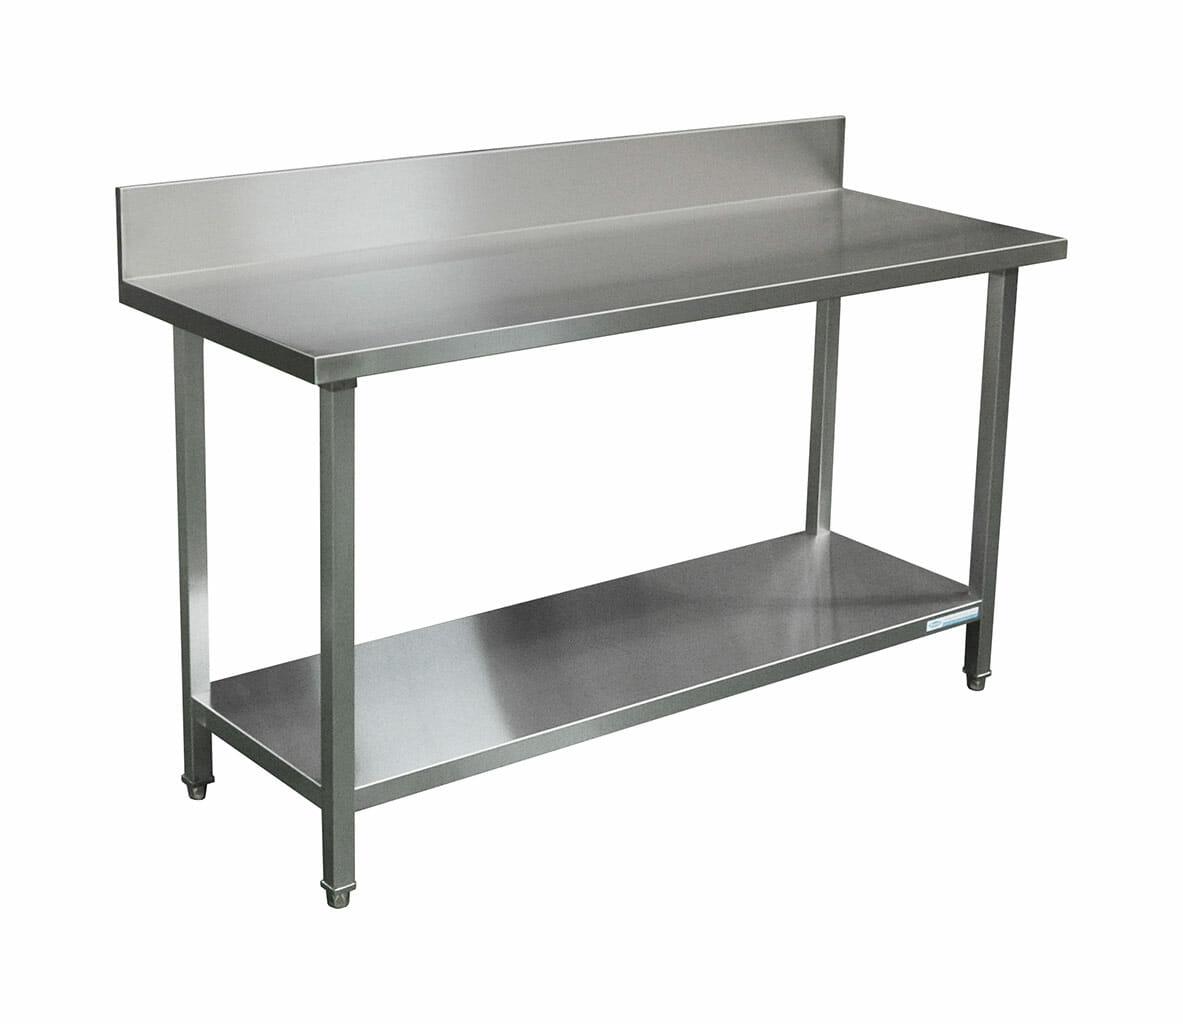 Commercial Grade Stainless Steel Splashback Bench, Premium Range 1600 X 610 X 90mm high